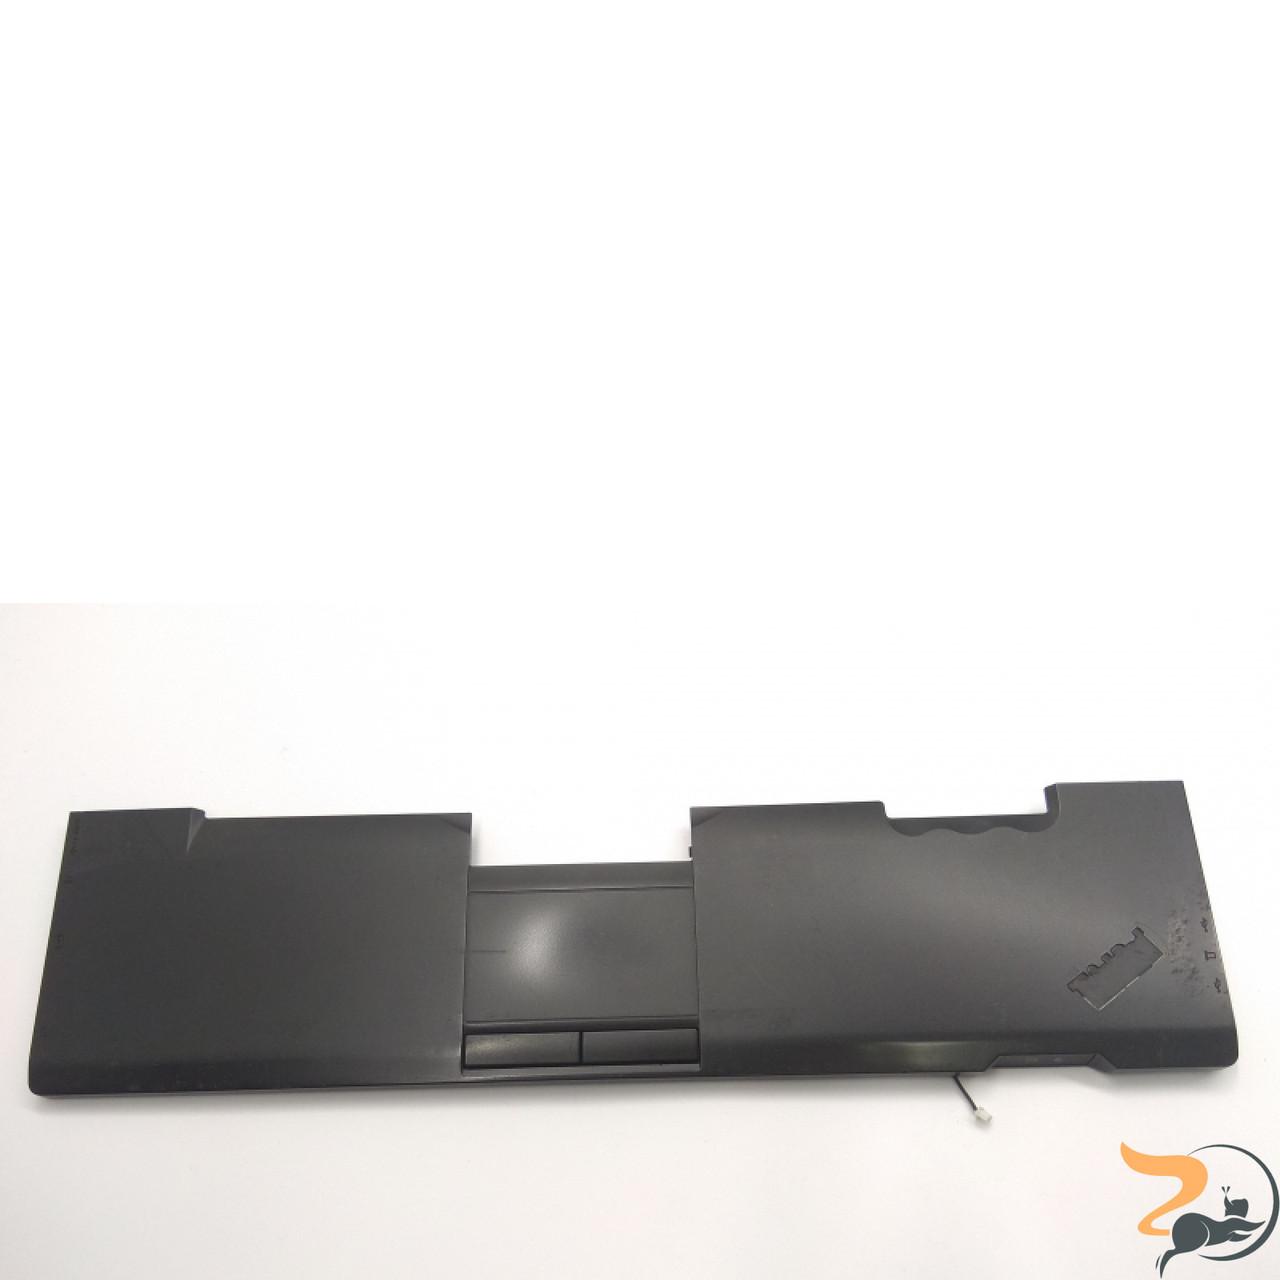 Нижня панель від середньої частини корпуса для ноутбука Lenovo ThinkPad SL510, 60Y4135, Б/В. В хорошому стані, без пошкоджень.